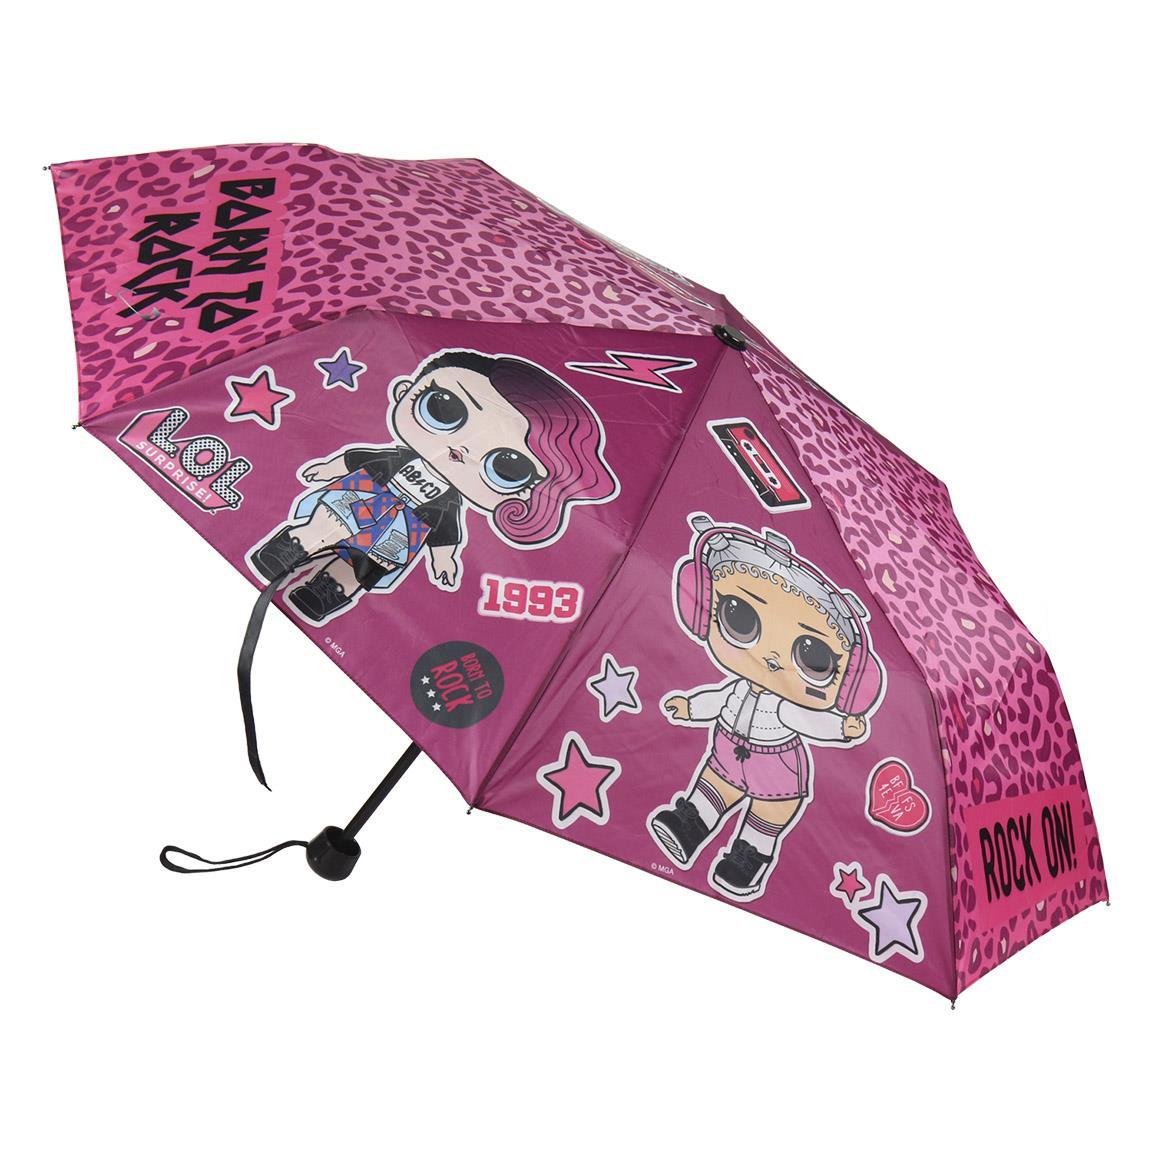 Comprar LOL Parapluie pliant manuel Lol fúcsia Lol